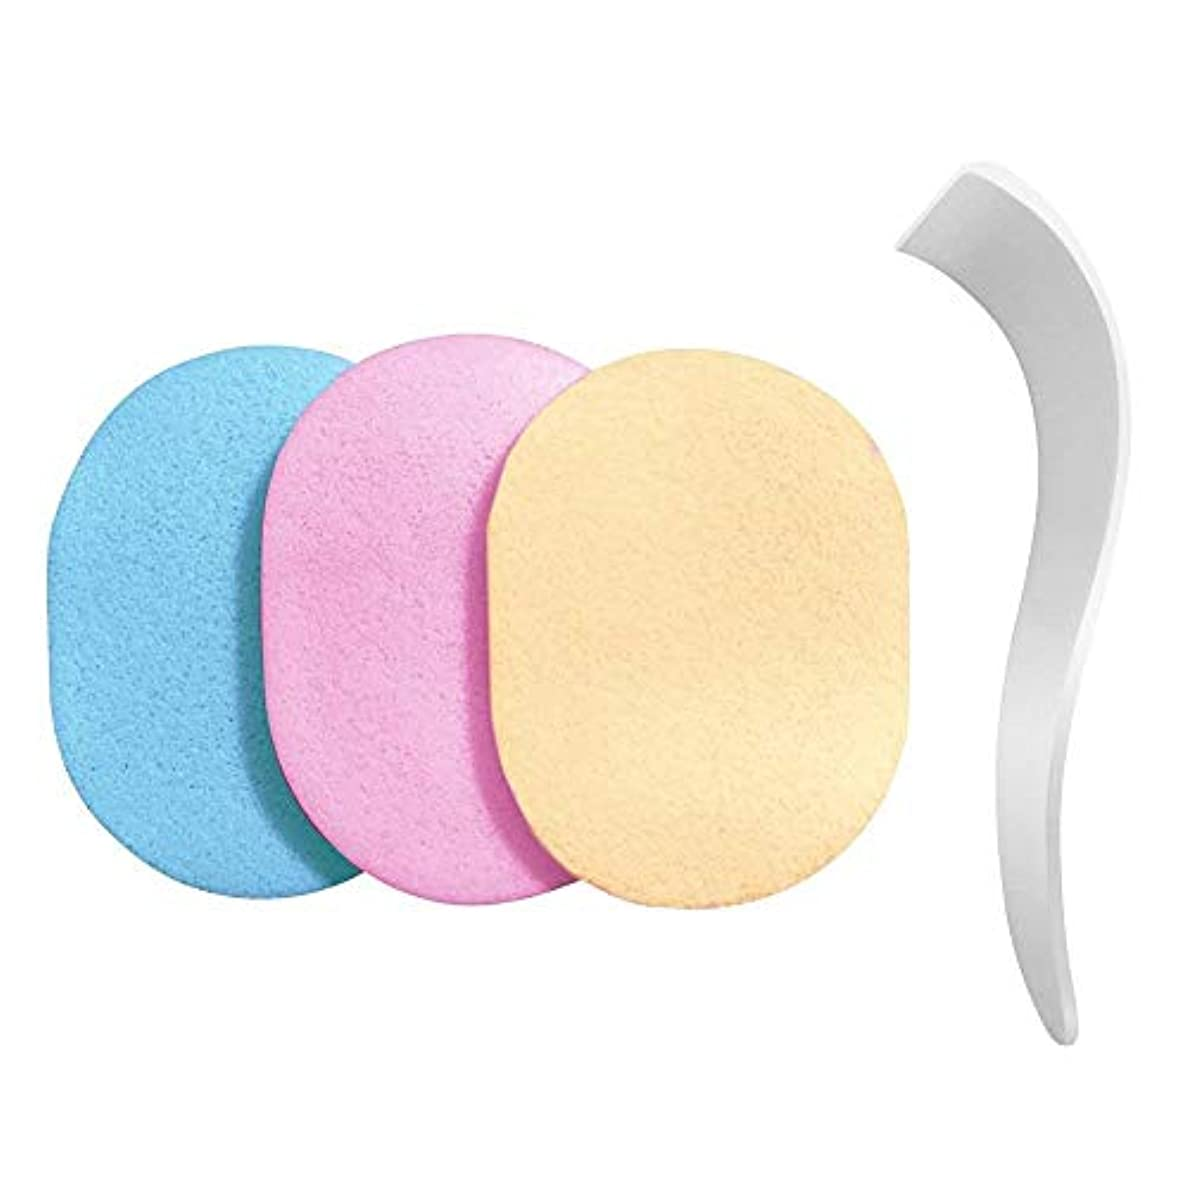 系統的蜜写真を撮る専用ヘラ スポンジ 洗って使える 3色セット 除毛クリーム専用 メンズ レディース【除毛用】